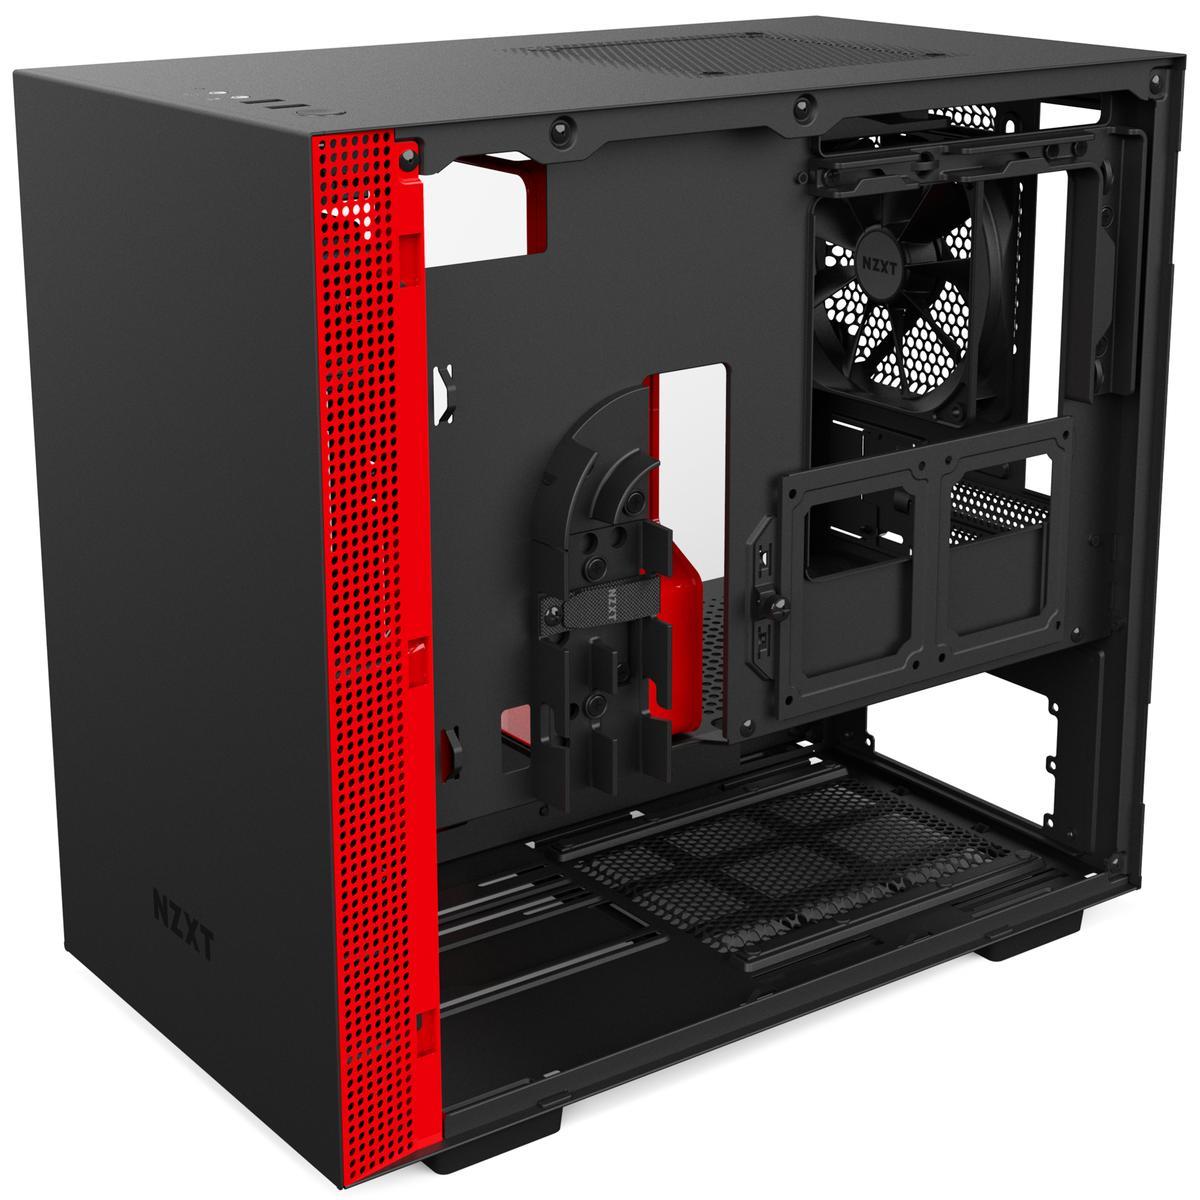 NZXT H200 Mini ITX Mini ITX Tower (Vermelho)